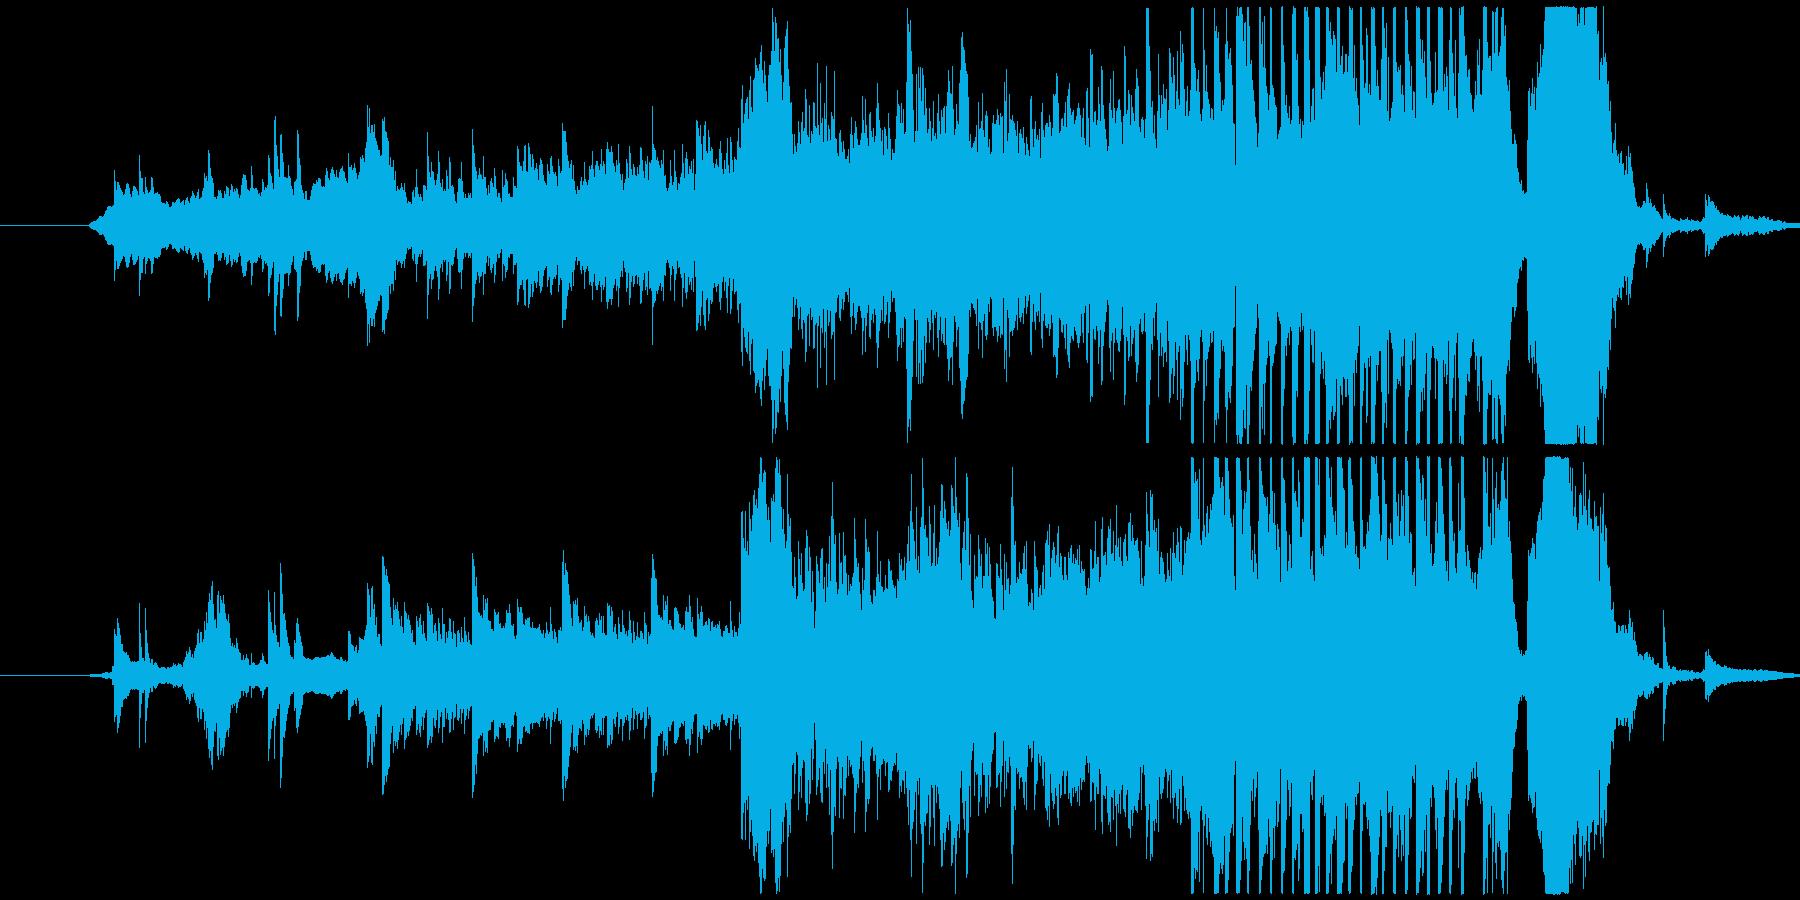 現実を受け入れなければいけない曲調の再生済みの波形